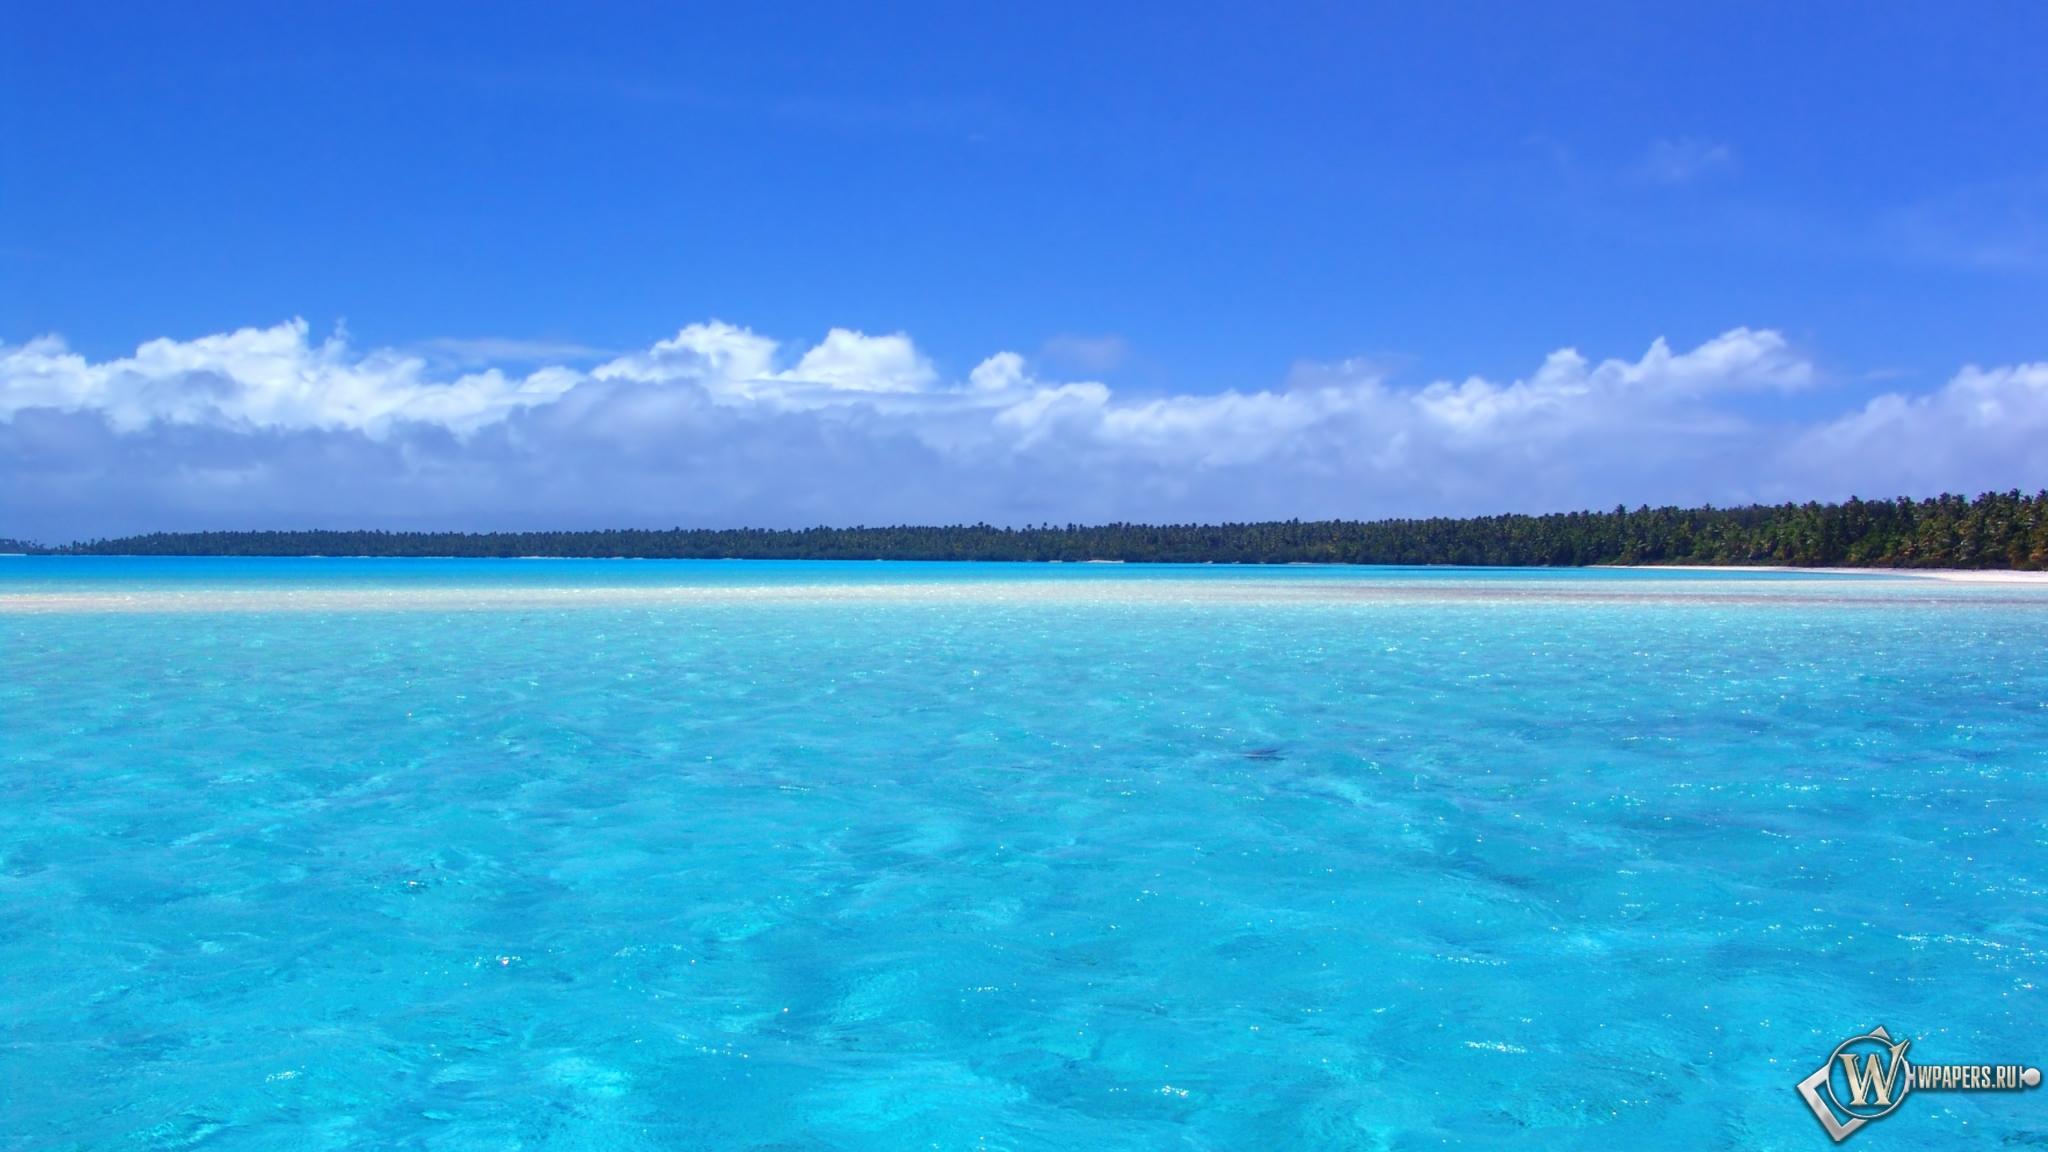 Голубой океан 2048x1152